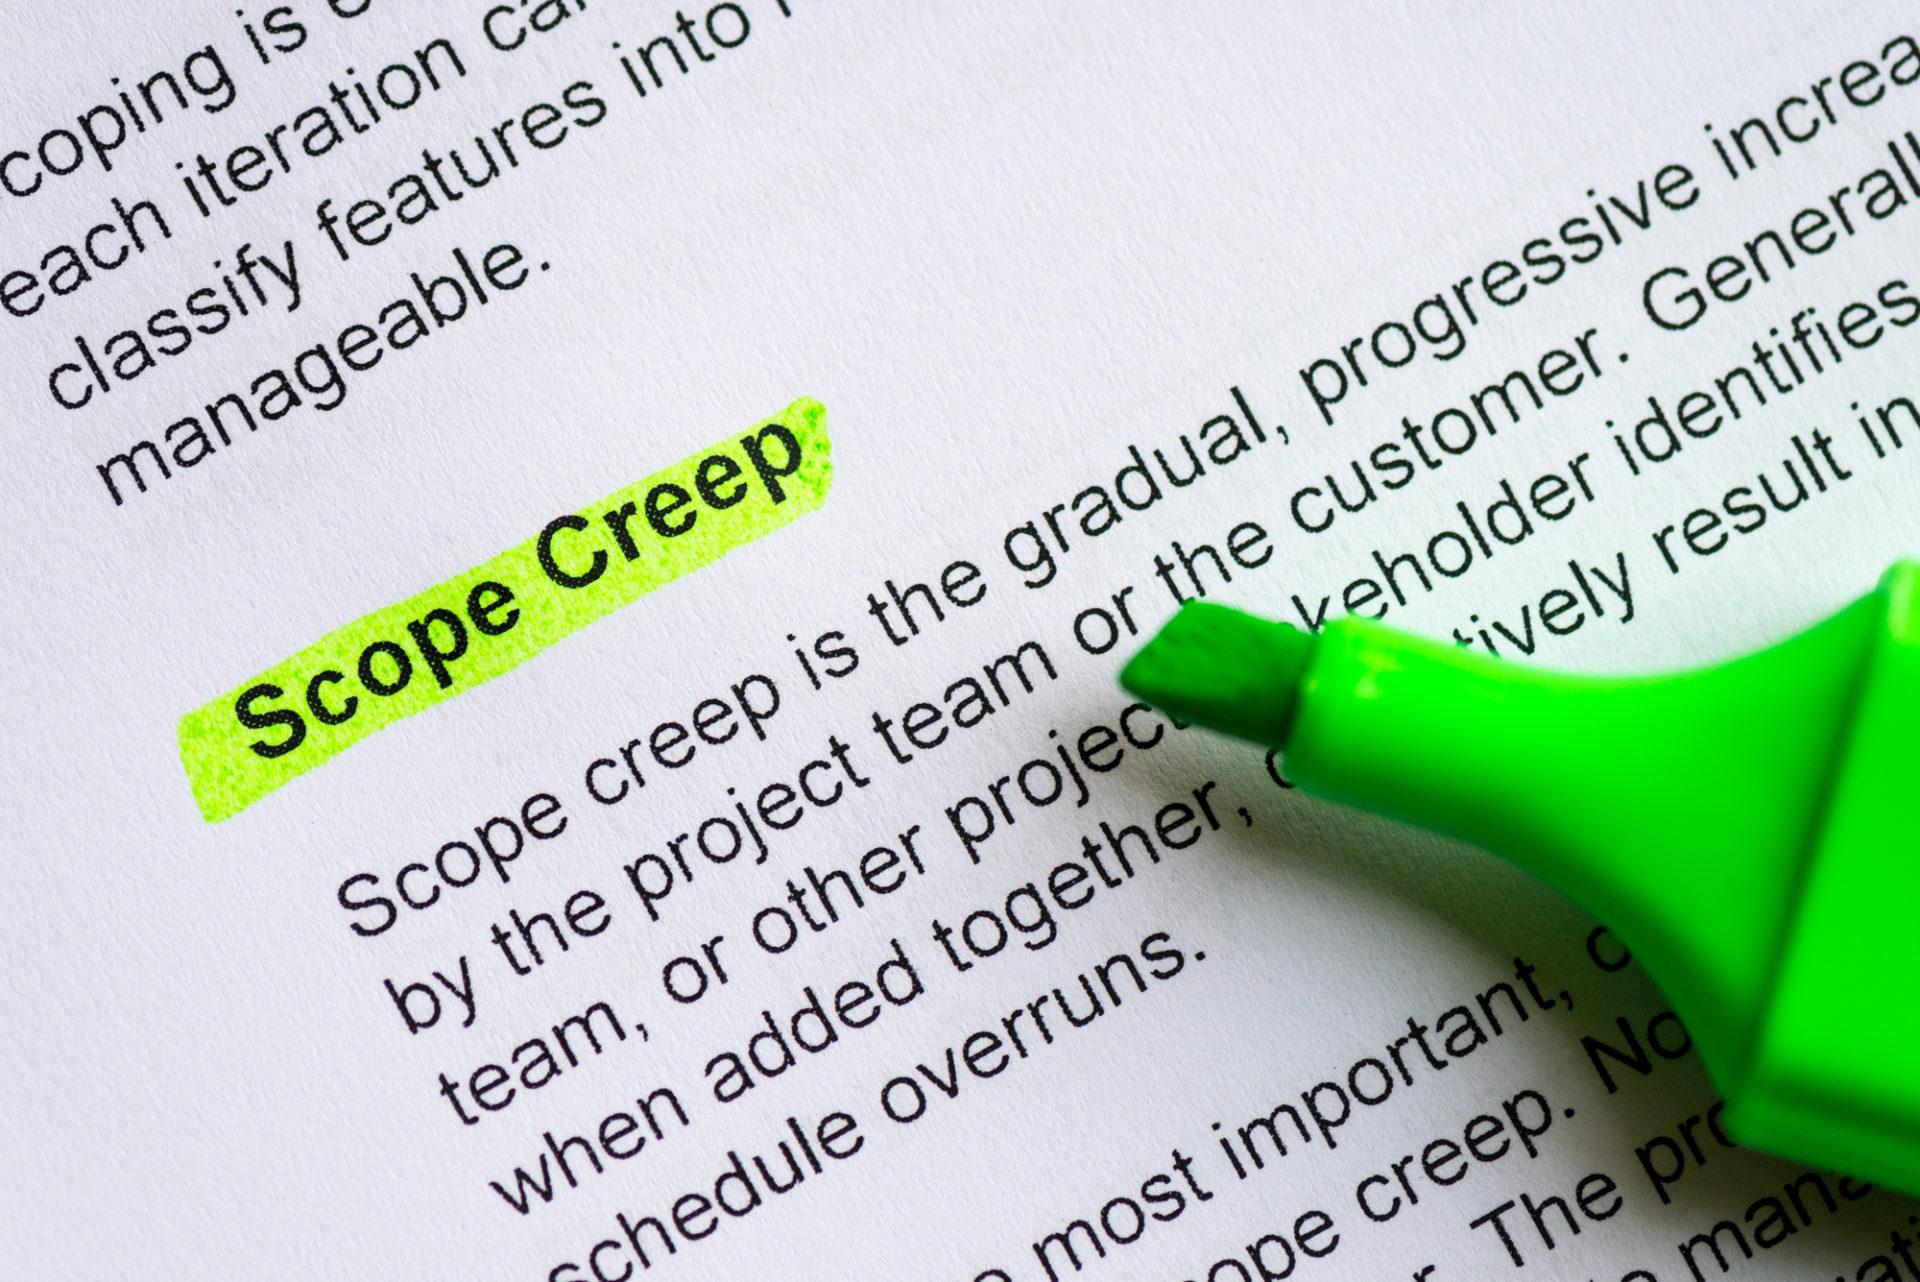 Scope creep: хто винен і що робити?